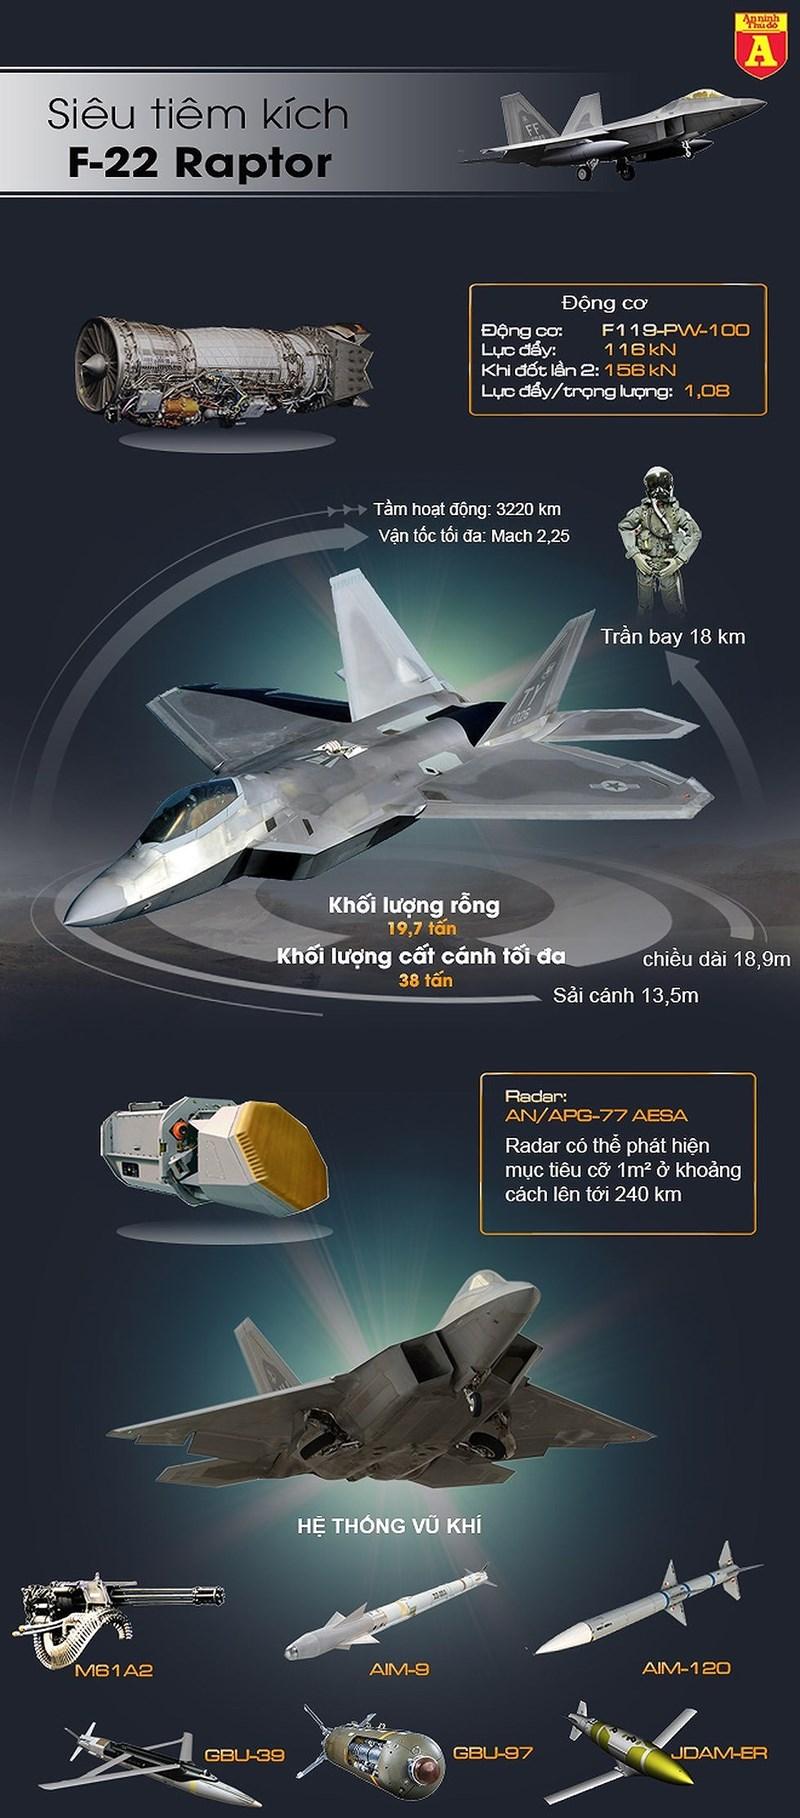 """[Infographic] F-22 Raptor Mỹ sẽ công phá """"rồng lửa"""" S-300 PMU2 Iran? - Ảnh 1"""